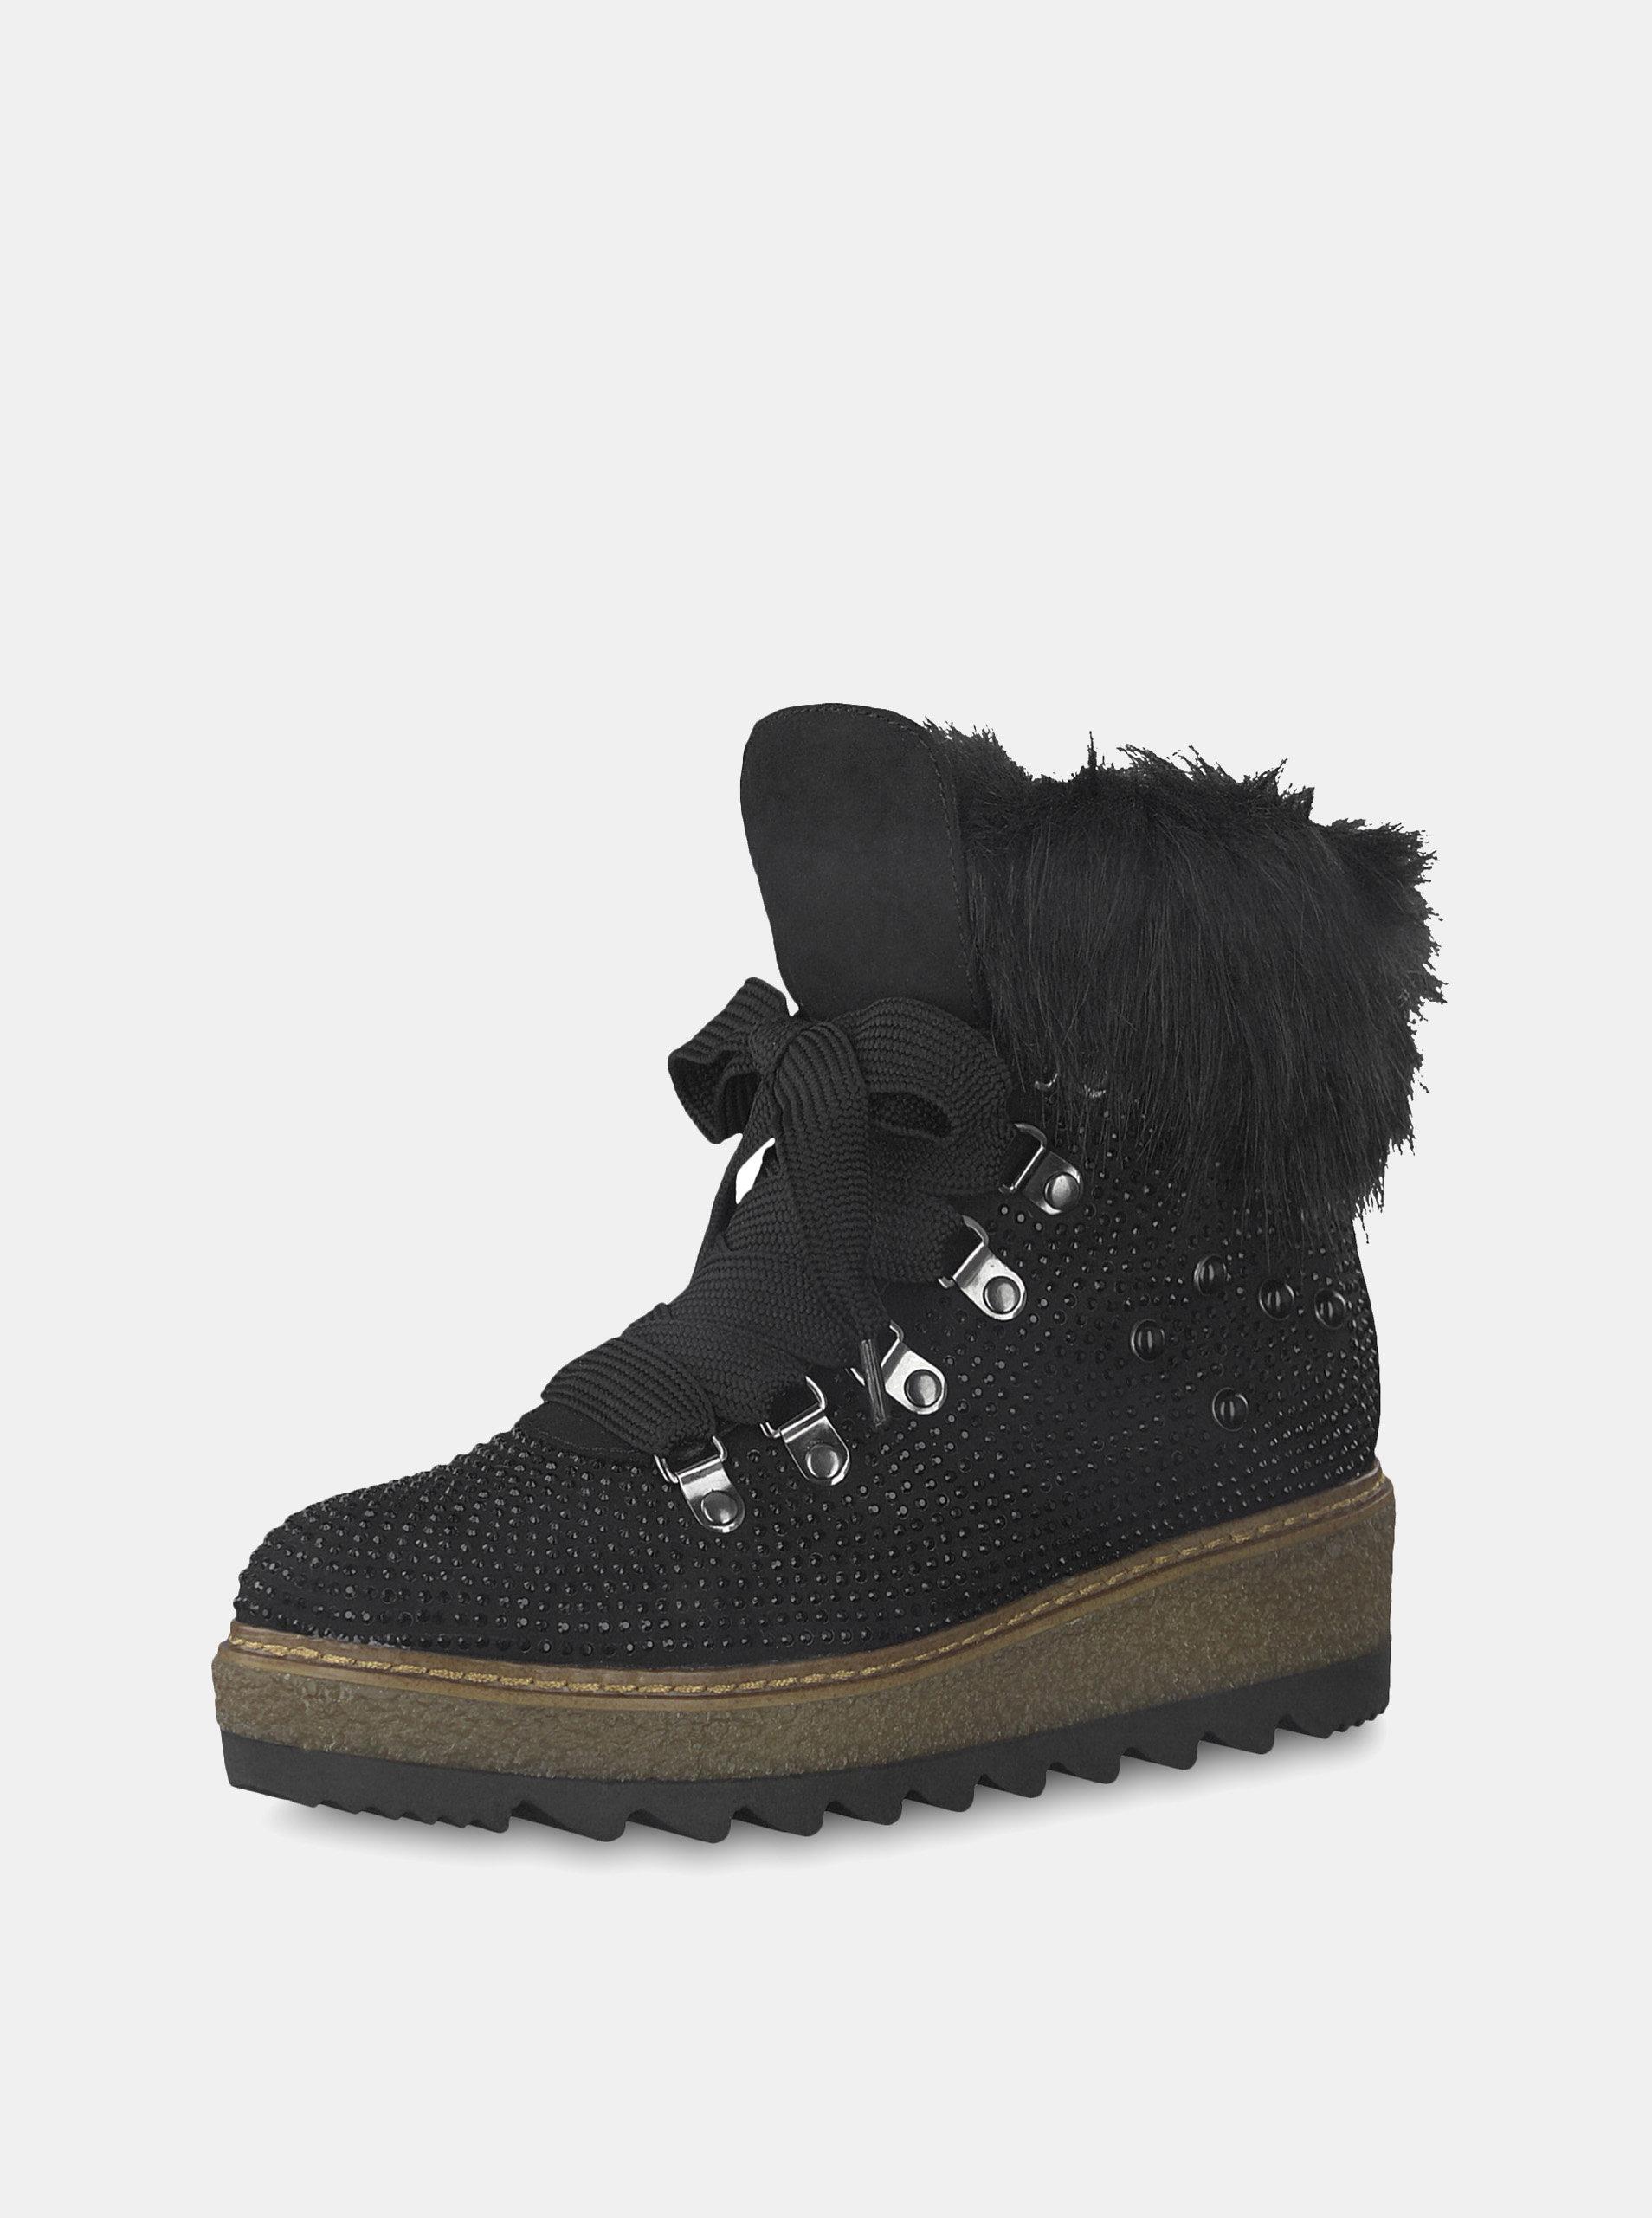 8789242c3ad Černé zimní boty v semišové úpravě na platformě s ozdobnými kamínky Tamaris  ...